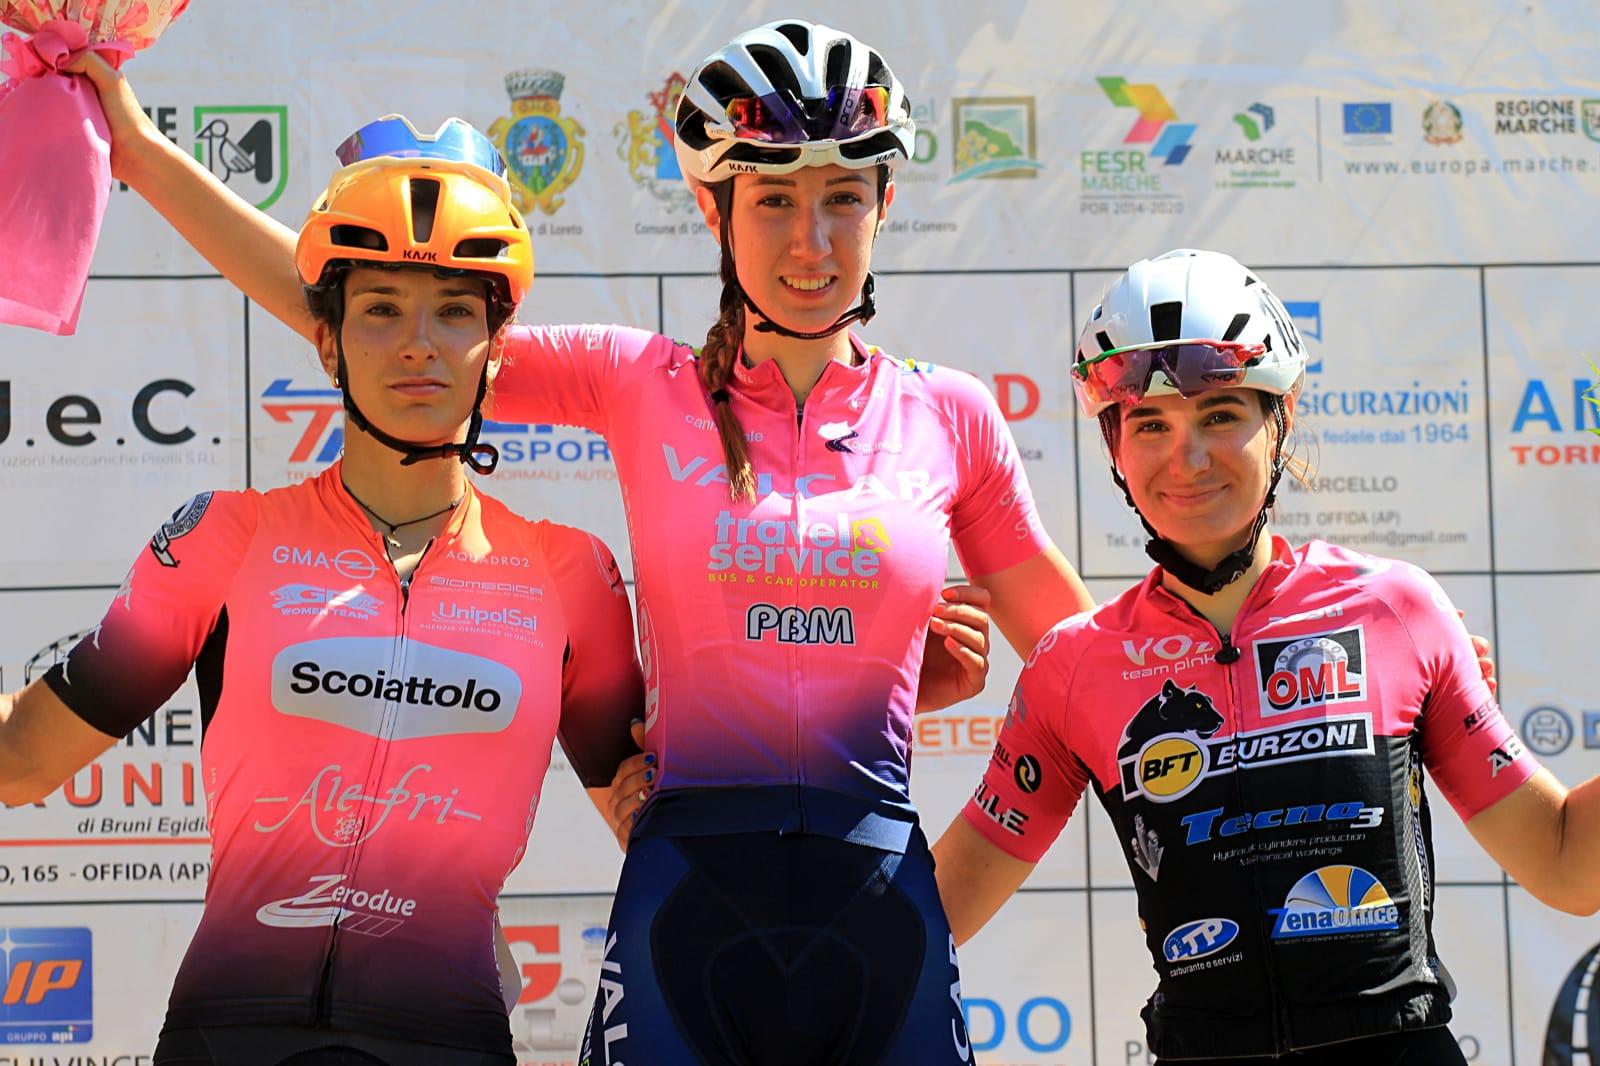 Il podio a Offida della seconda prova del Giro delle Marche (foto F. Ossola)